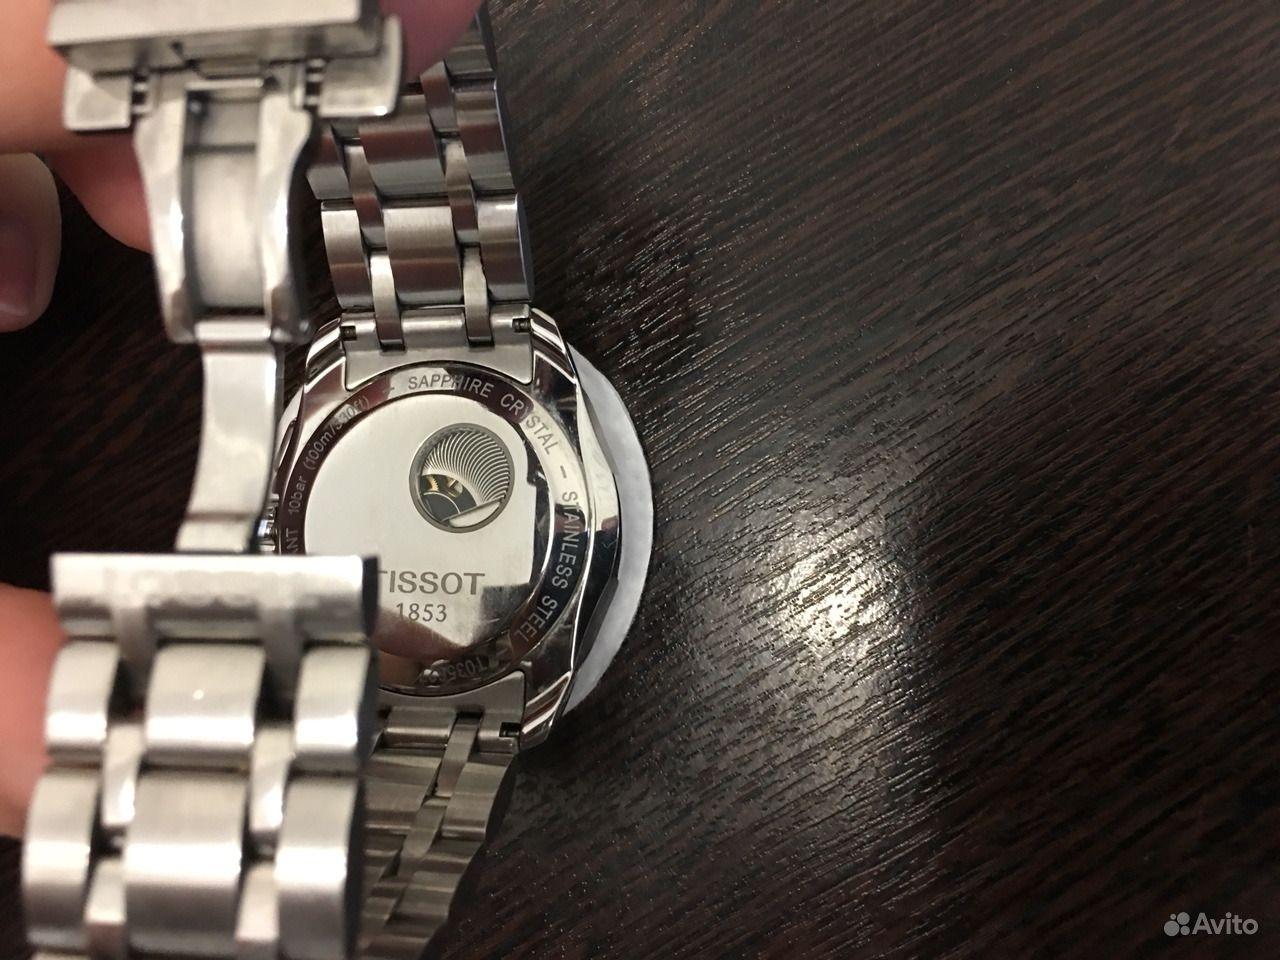 Тиссот продам часы бу часы продать швейцарские как можно